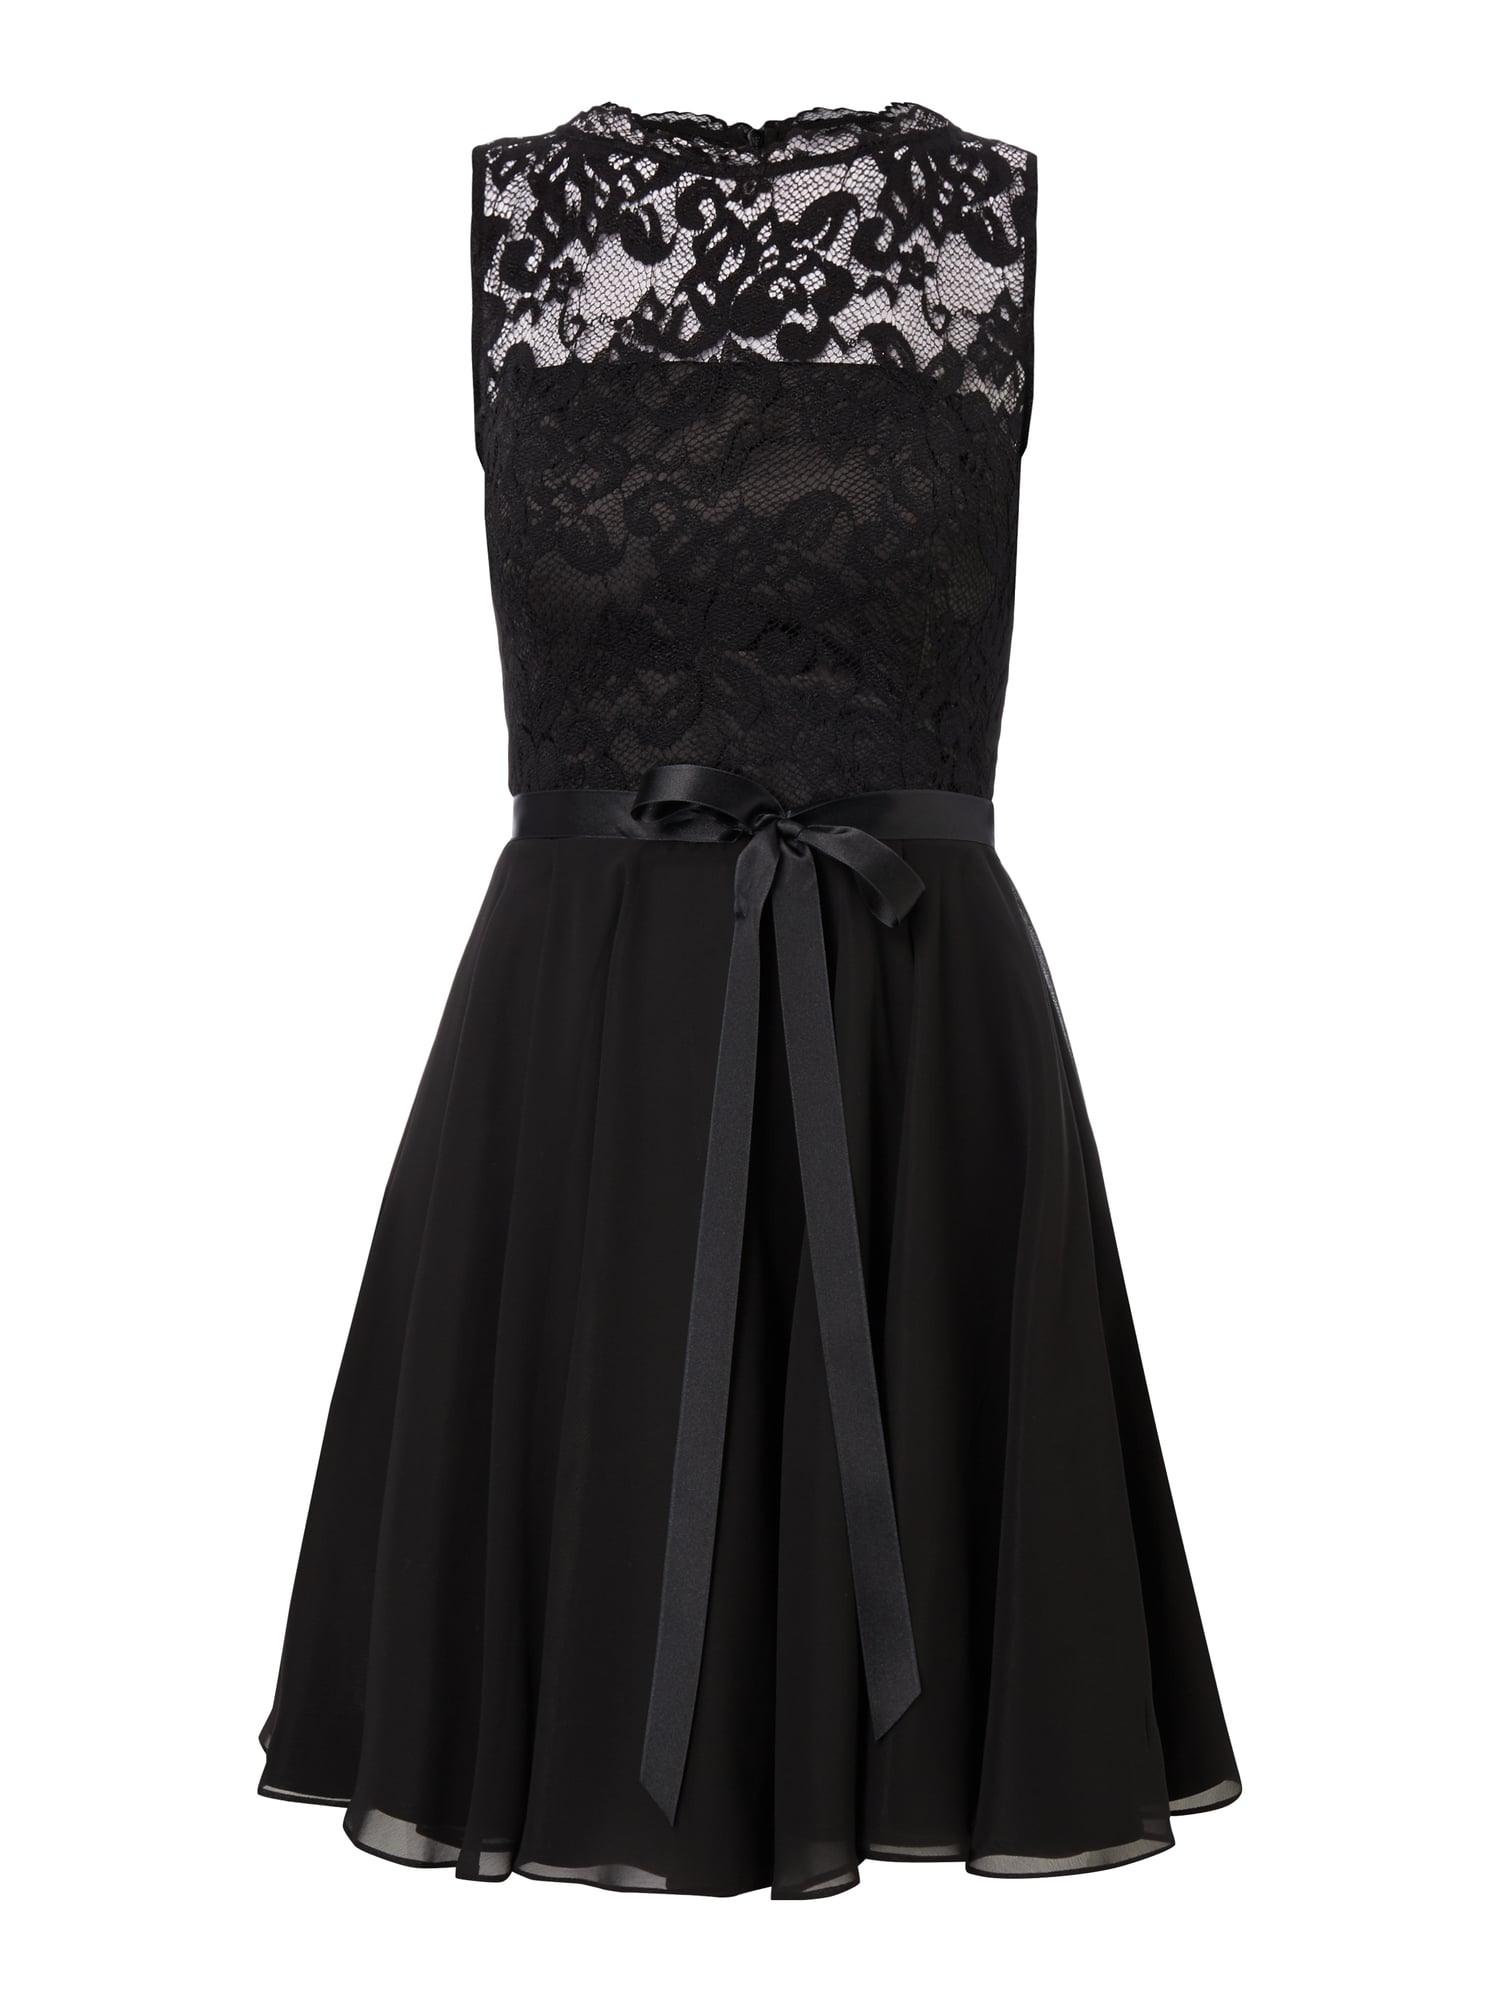 17 Genial Schwarzes Kleid Spitze Galerie17 Schön Schwarzes Kleid Spitze Galerie